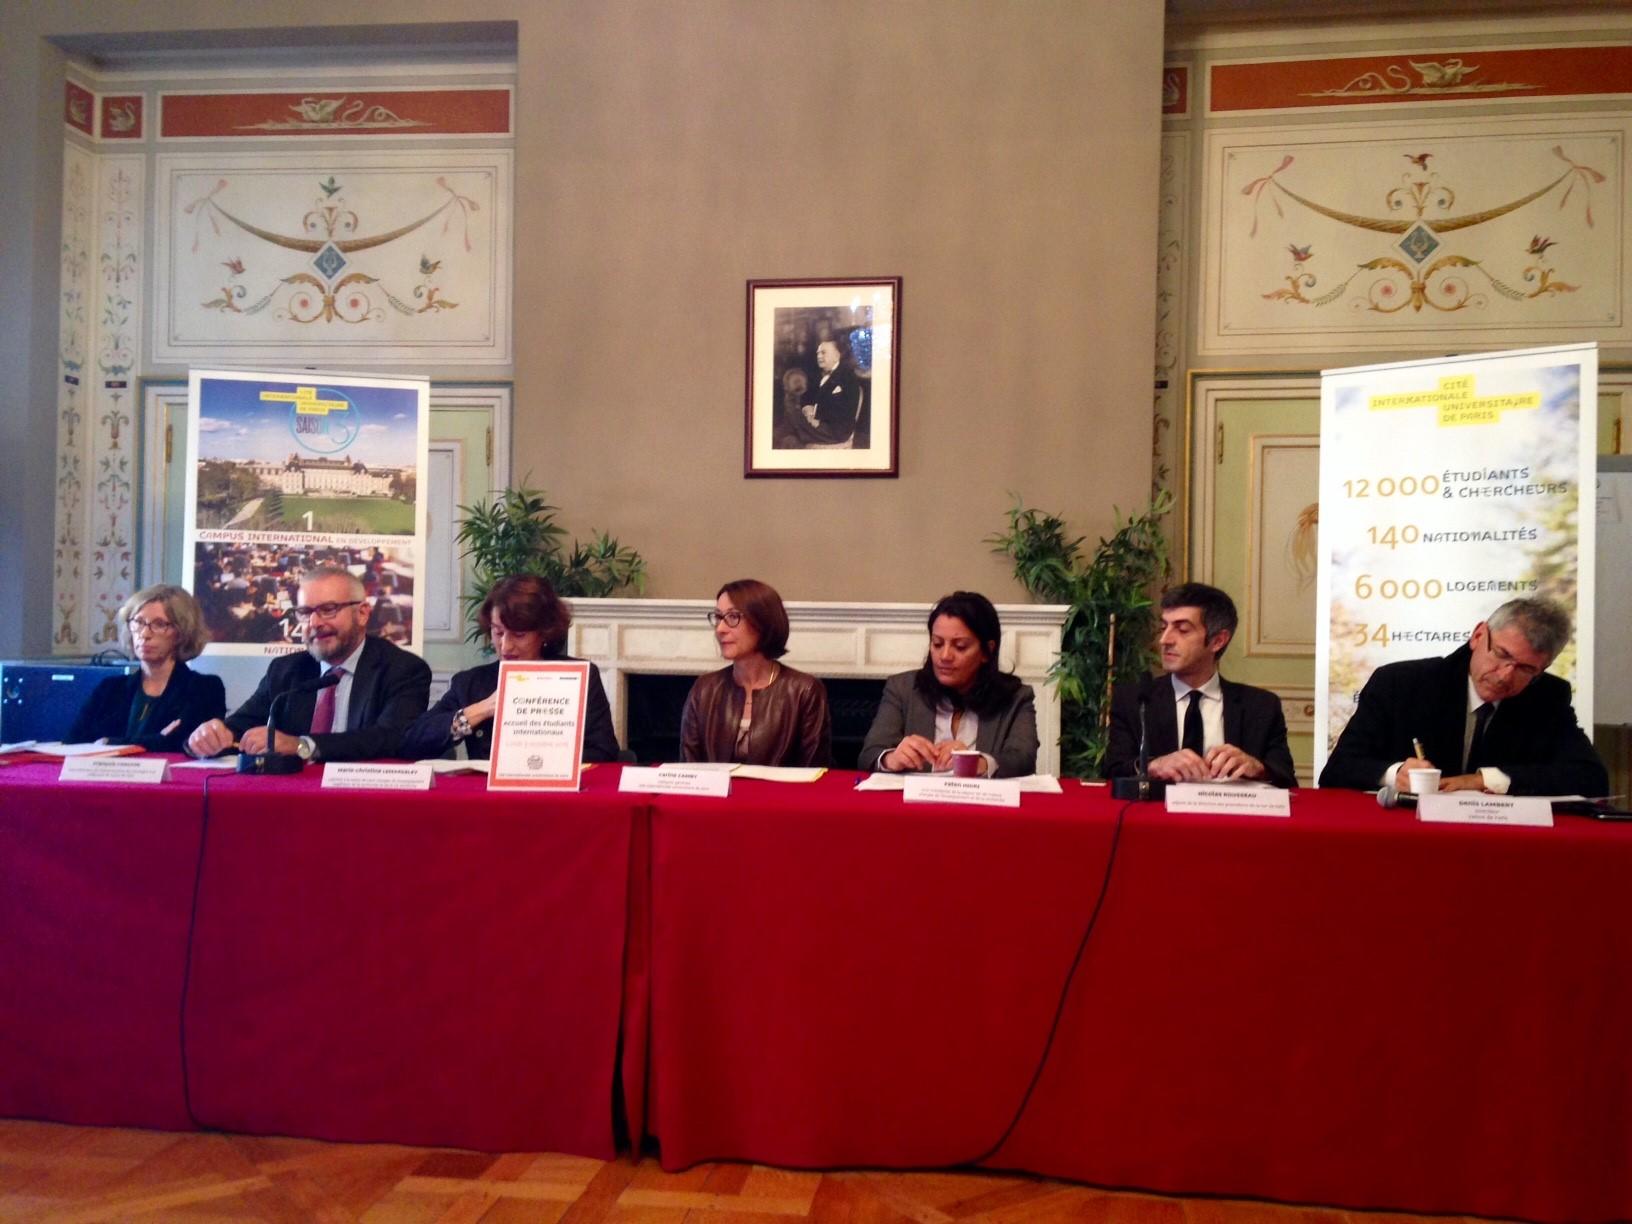 Les représentants des services publics présents sur la plateforme d'accueil de la CIUP.